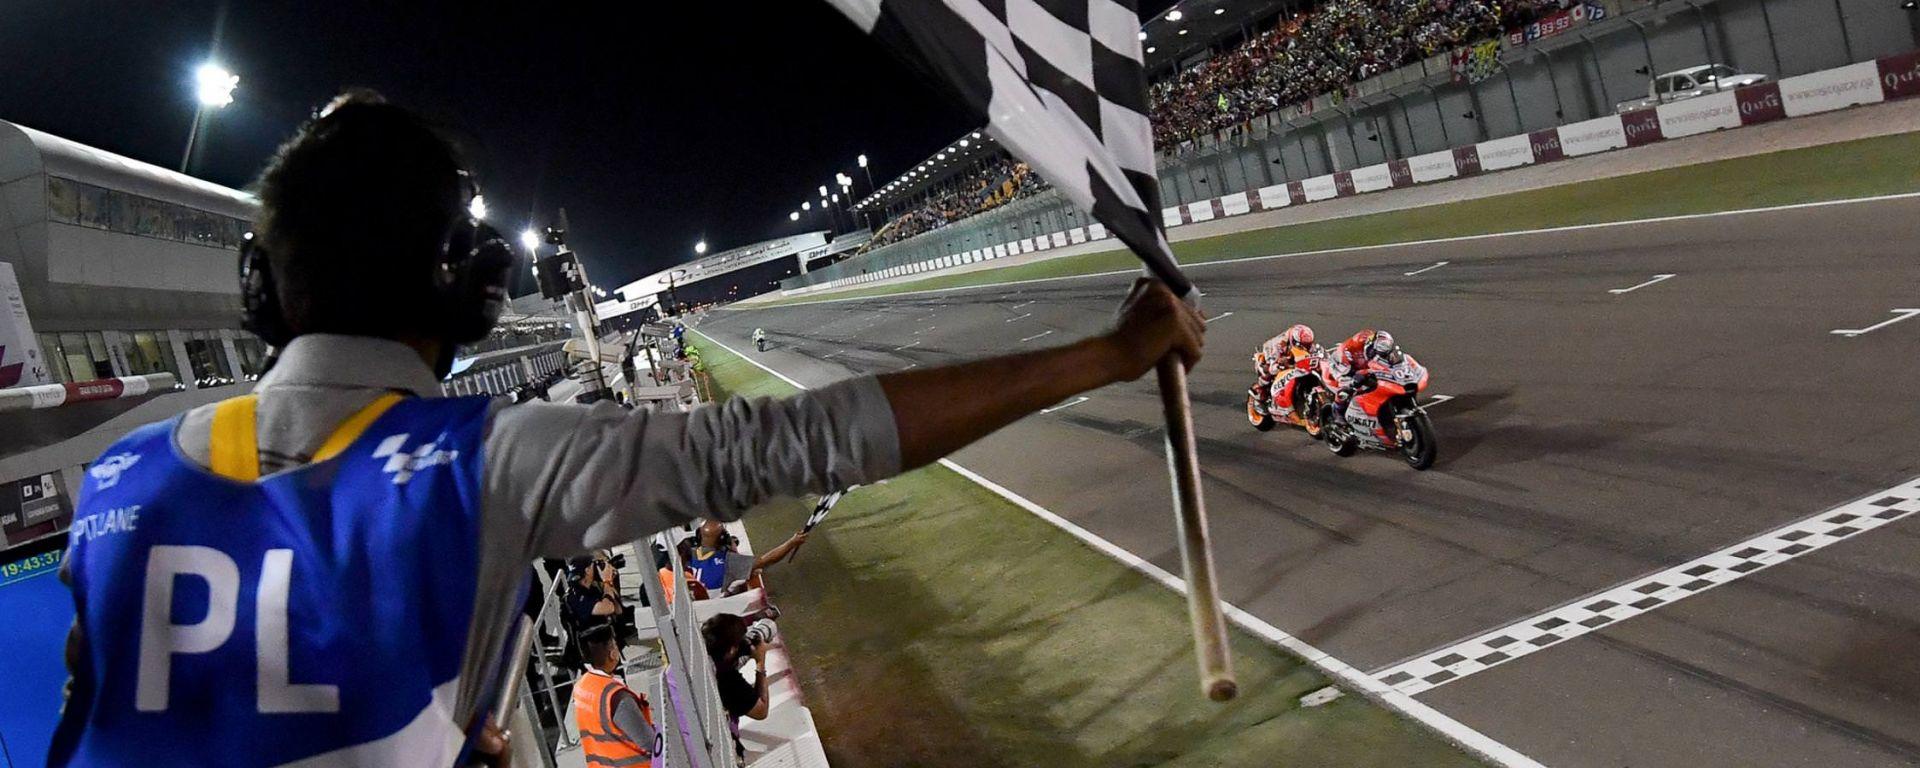 Motomondiale: l'arrivo del GP del Qatar 2018 classe MotoGP, Dovizioso (Ducati) beffa Marquez (Honda)